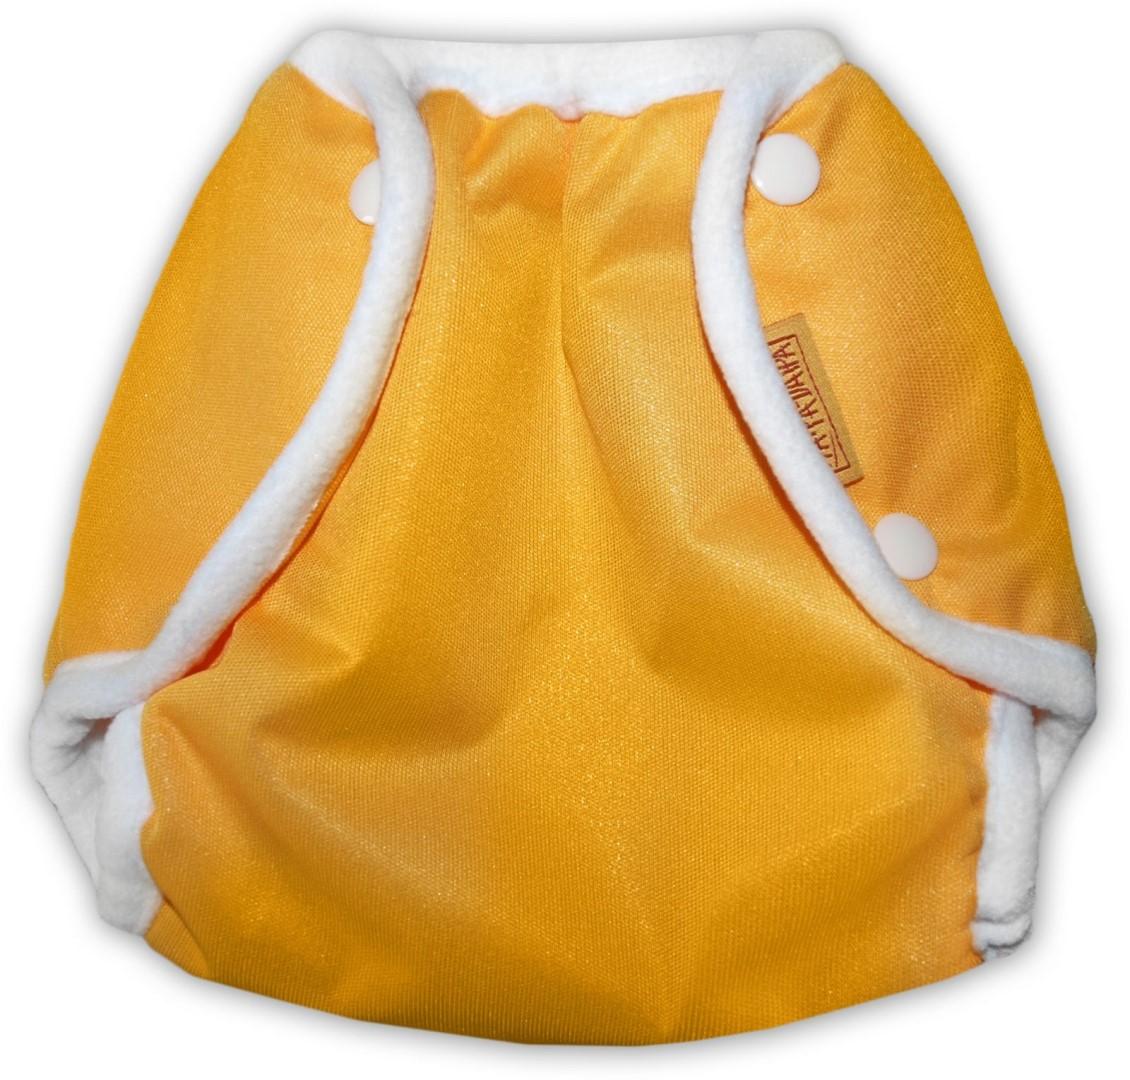 Nepromkovavé svrchní kalhotky na látkové pleny PUL, oranžové